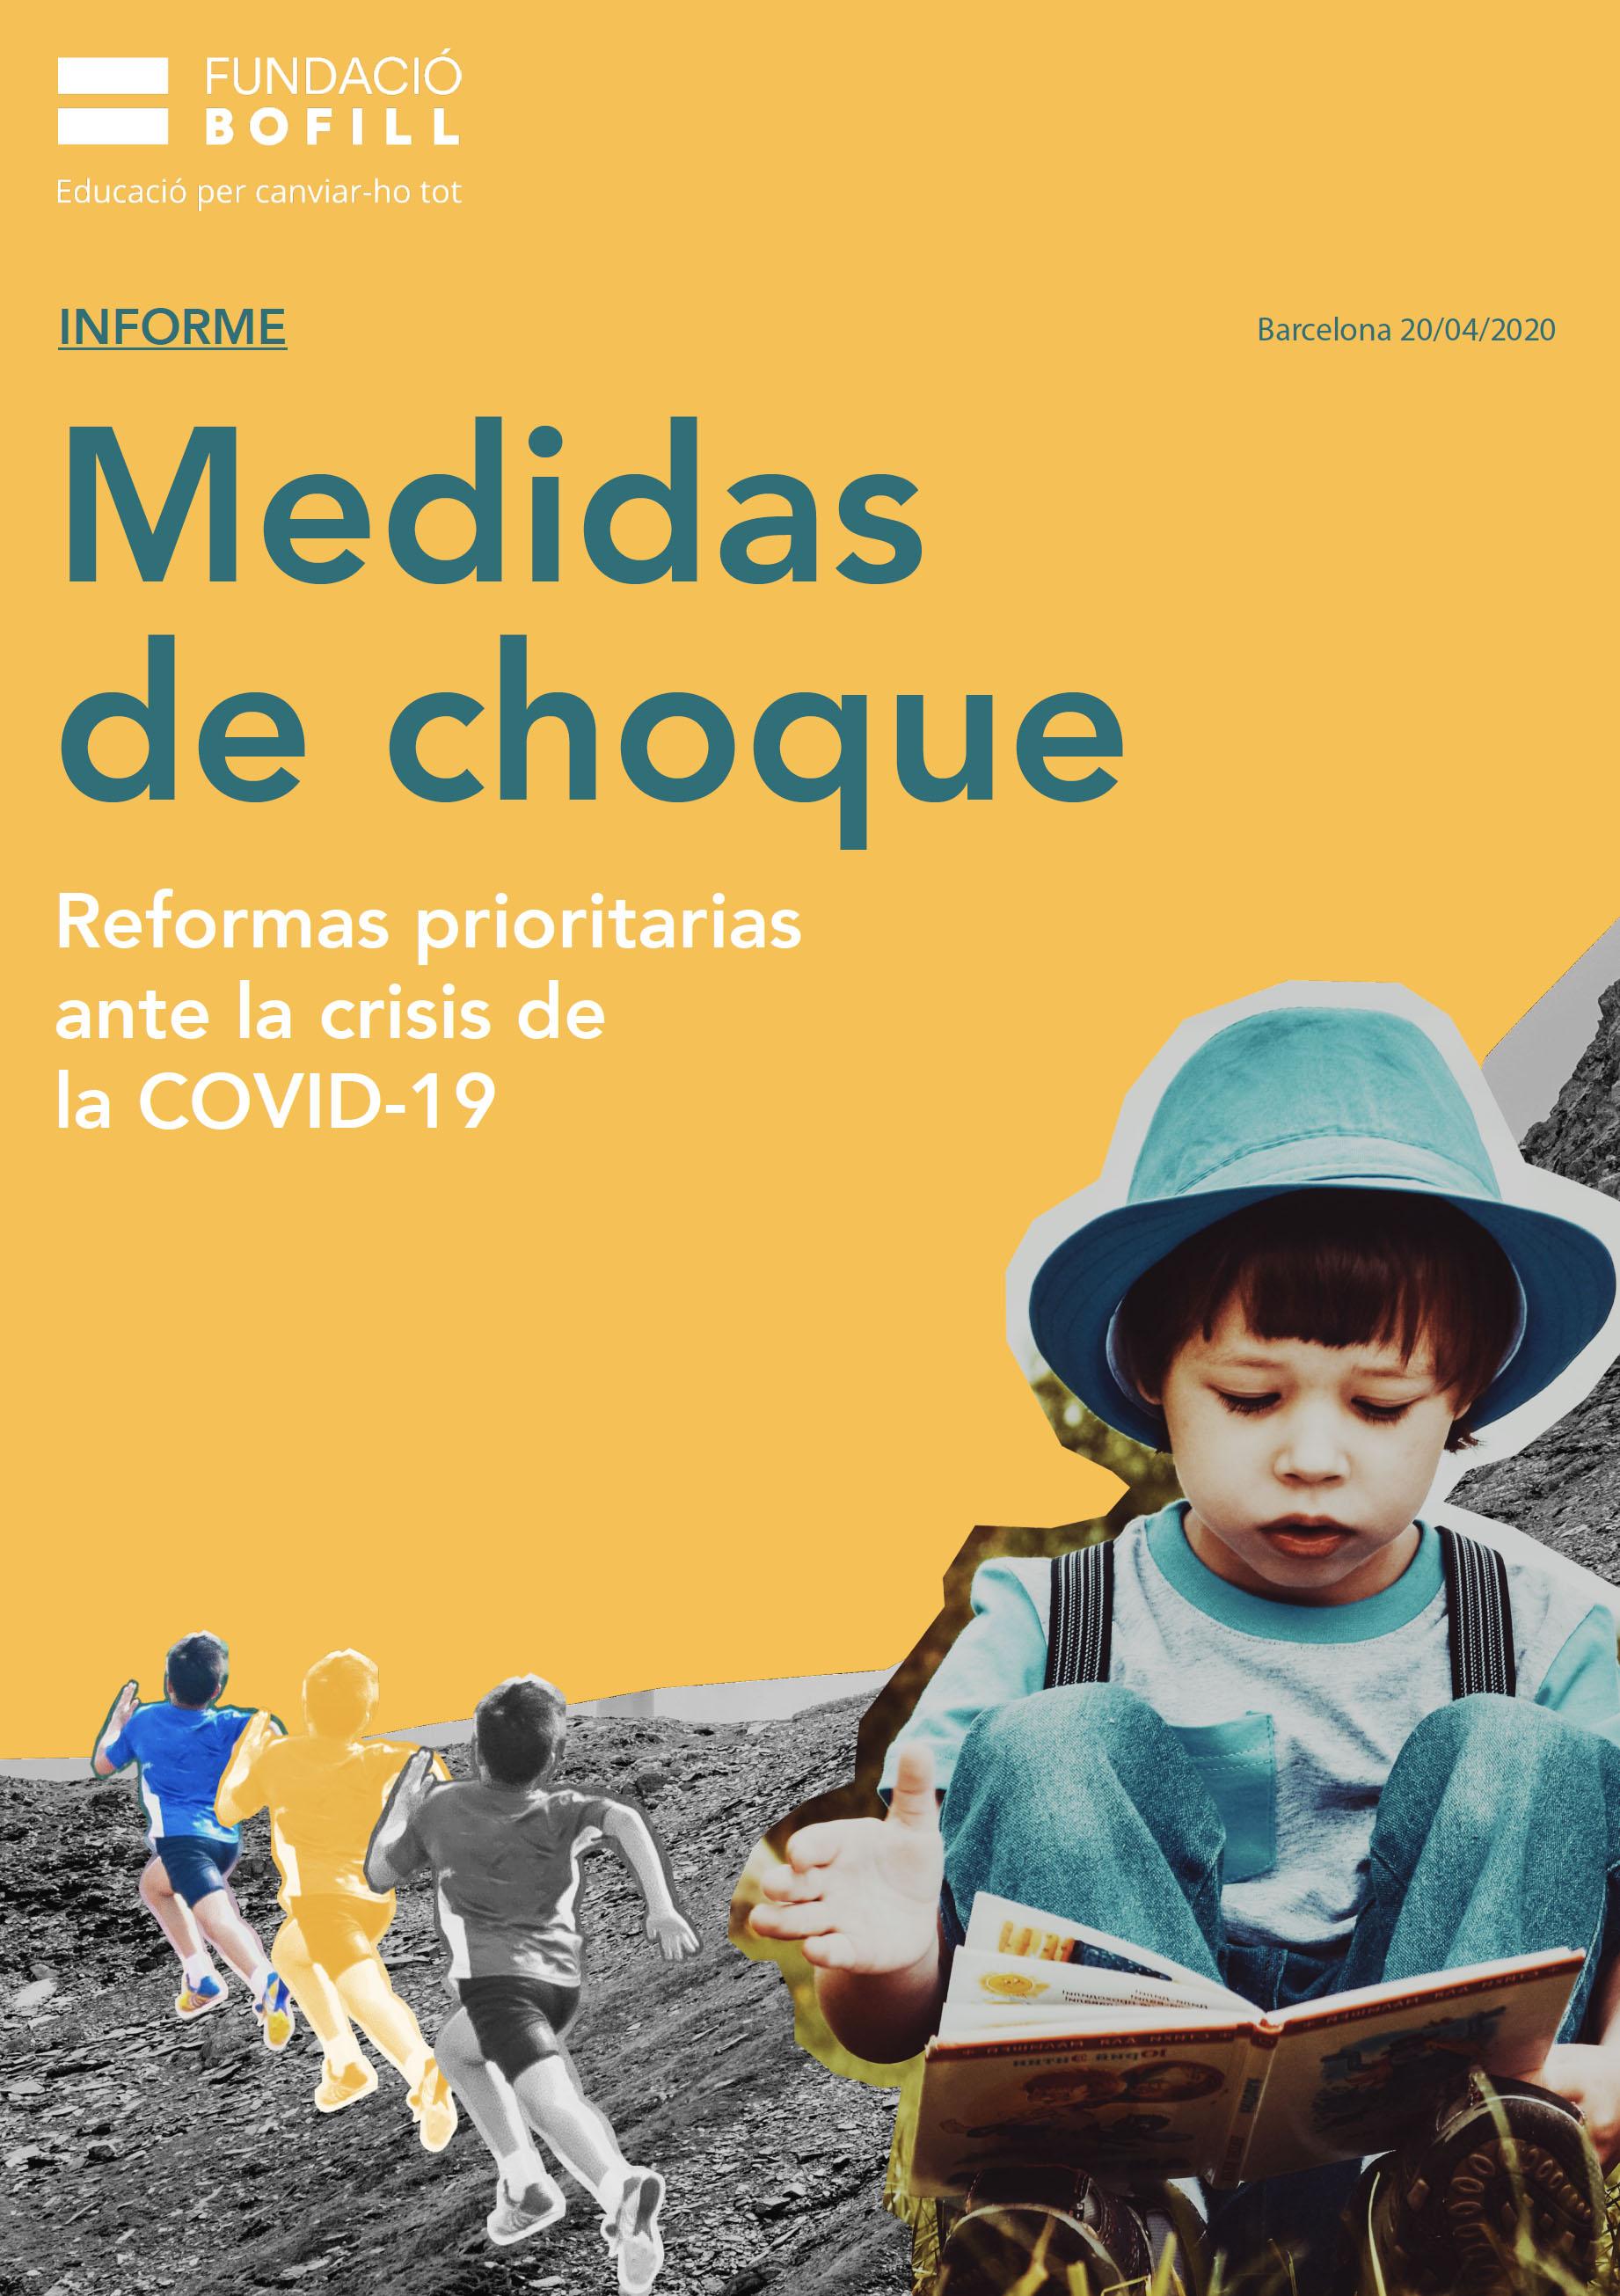 Informe. Medidas de choque y reformas prioritarias ante la crisis de la COVID-19.